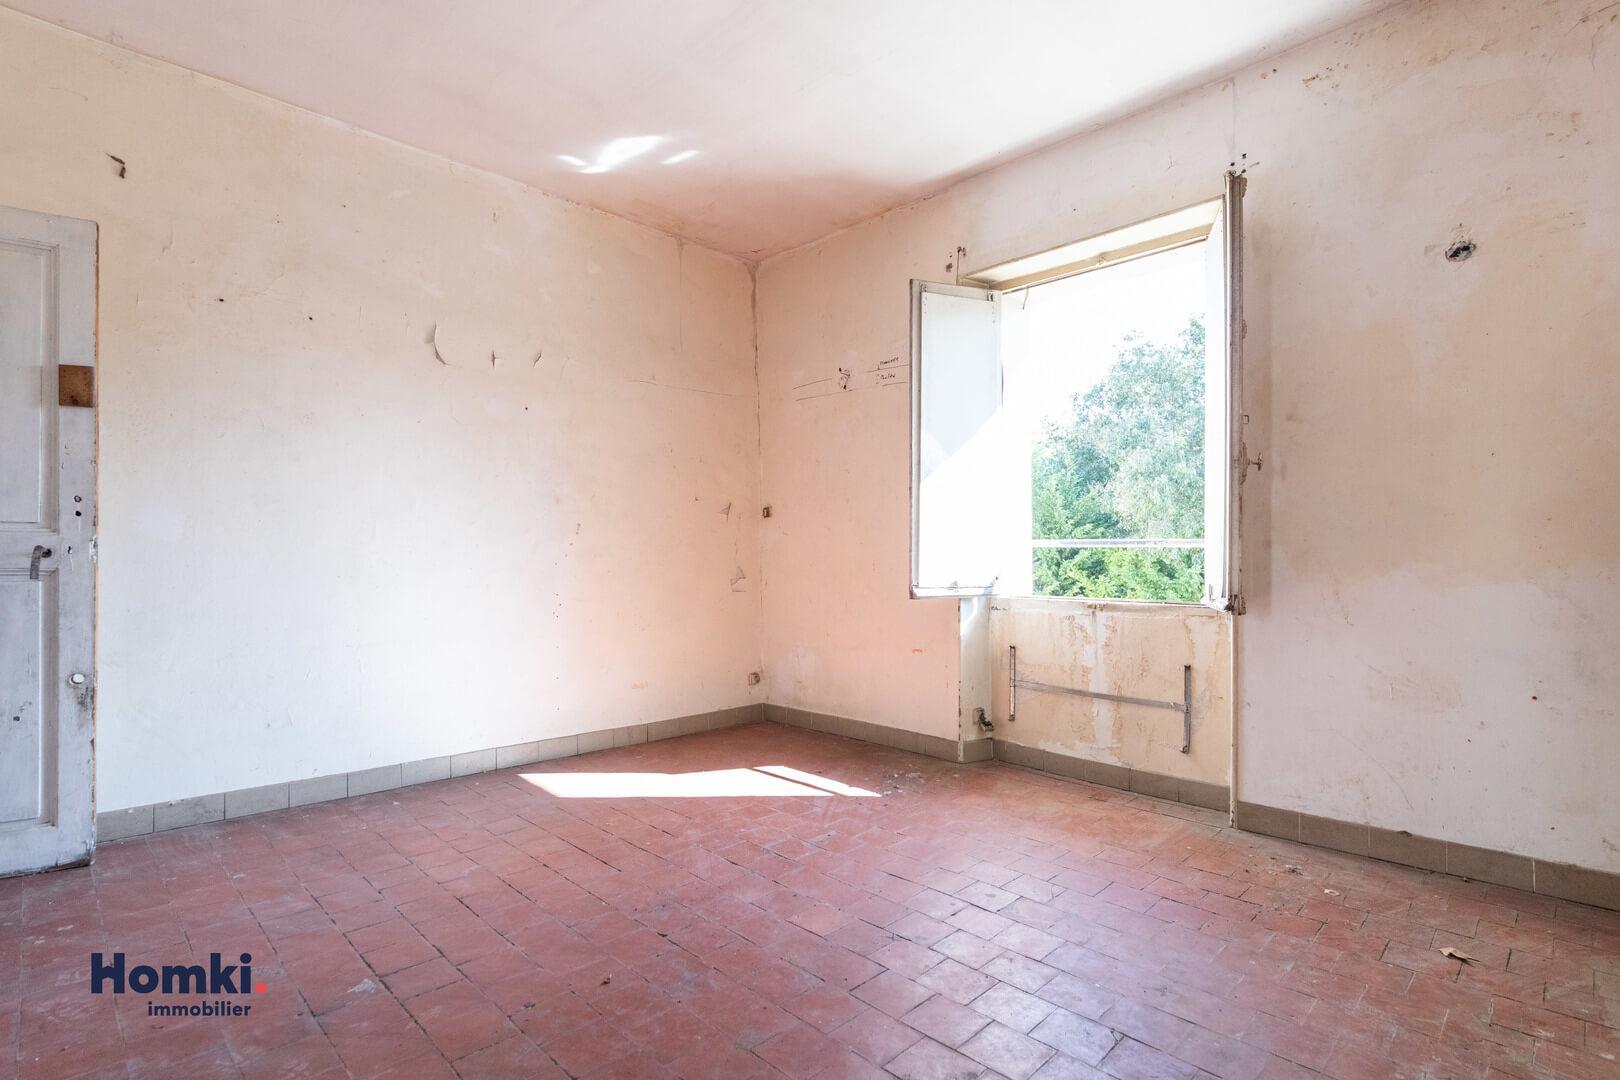 Vente maison 75m² T4 84200_4